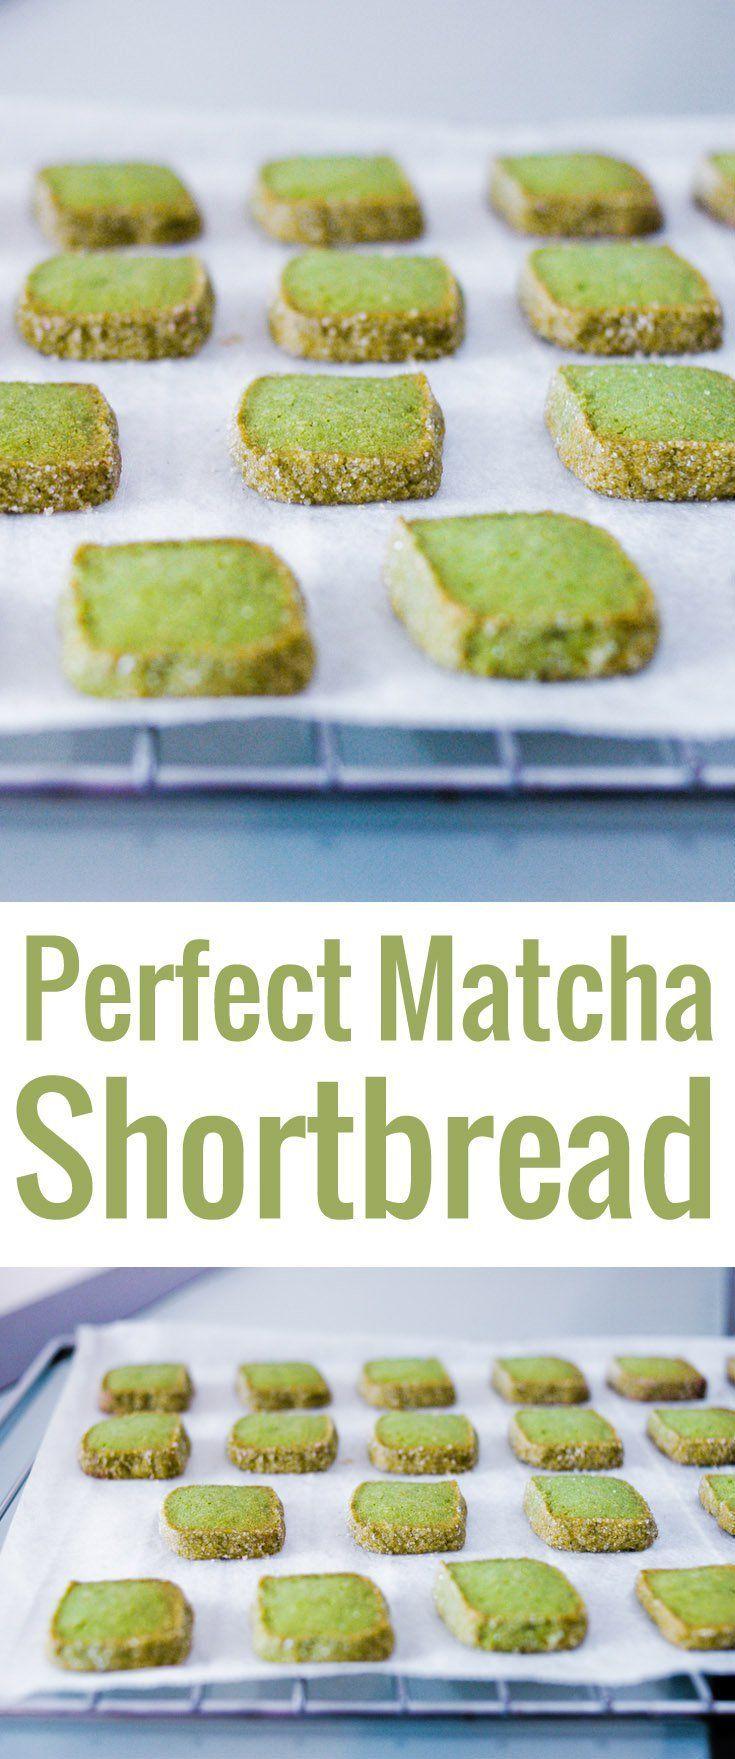 Une recette facile et rapide pour faire des sablés au matcha délicats, avec la saveur subtile du thé vert, un coeur tendre et des bords croustillants.